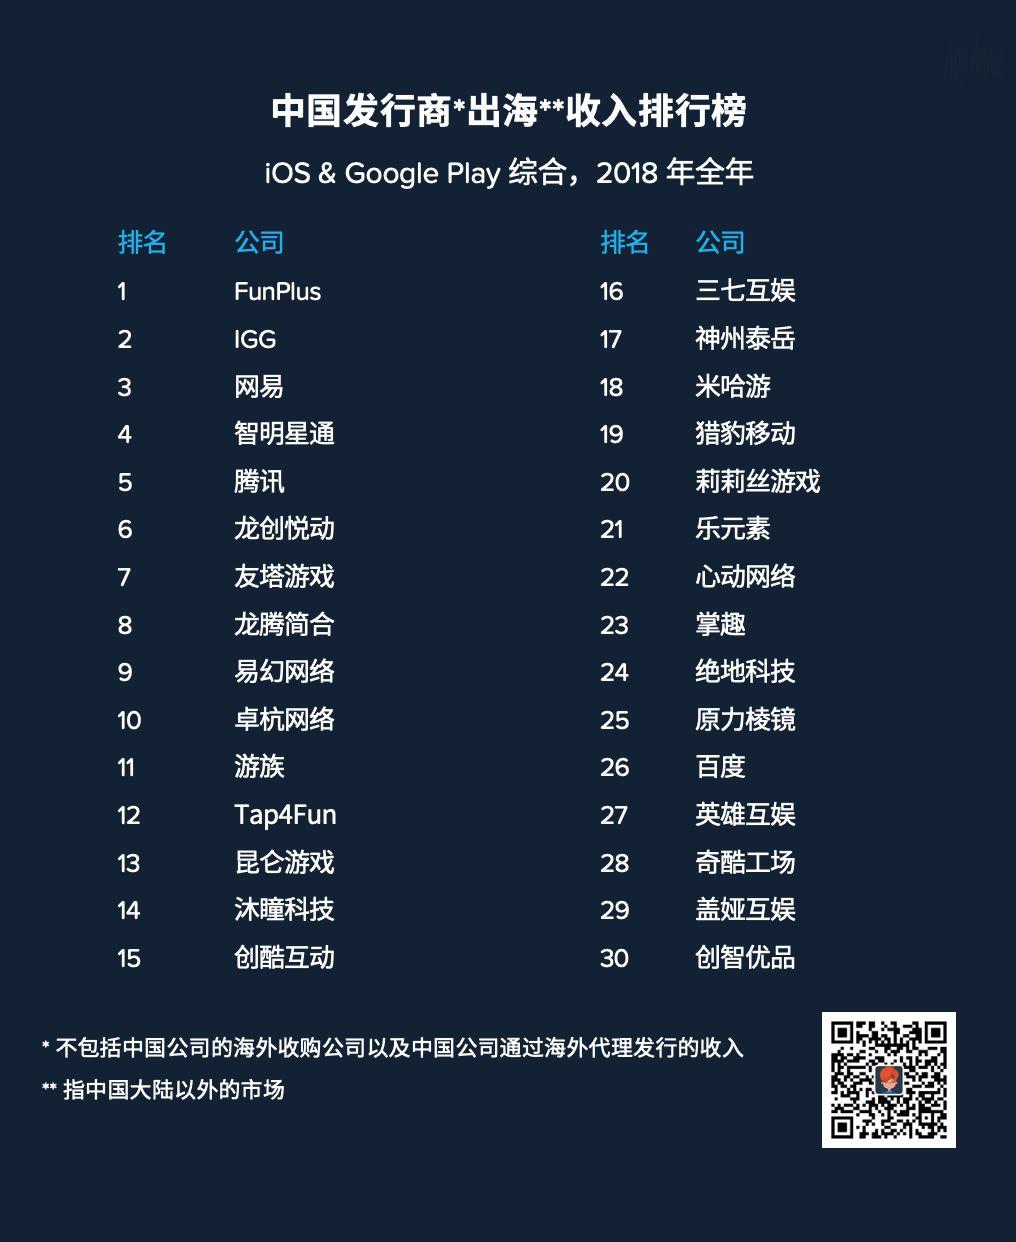 2019年中国出海游戏厂商年度收入榜出炉 昆仑游戏、Tap4Fun等排名下滑严重